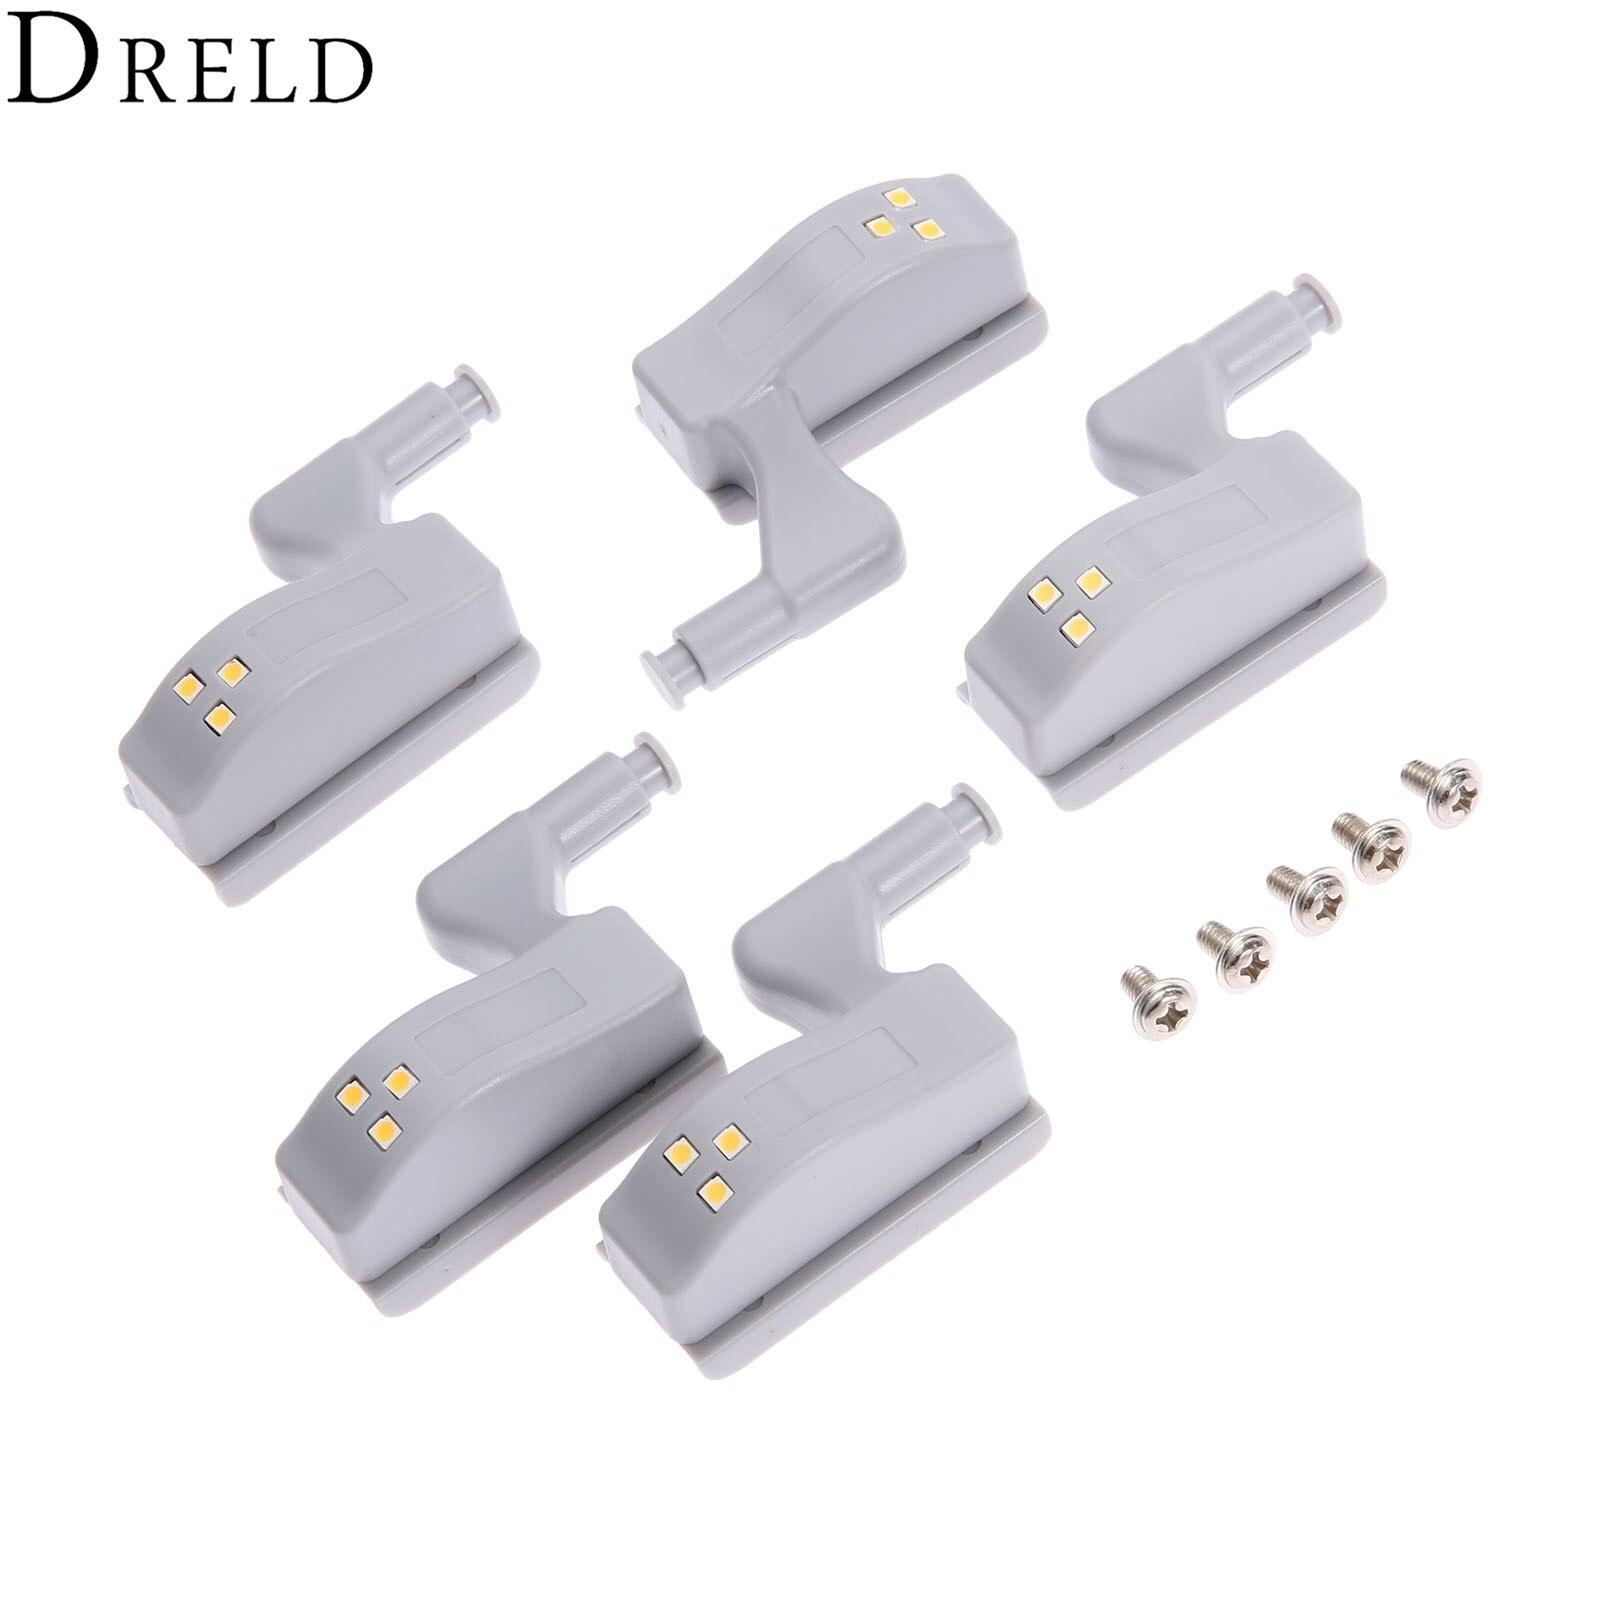 DRELD 5Pcs Universal Inner Hinge LED Sensor Cabinet Light For Kitchen Bedroom Living Room Cupboard Wardrobe Closet Hinge Light ko 4b ht1611 ht1613